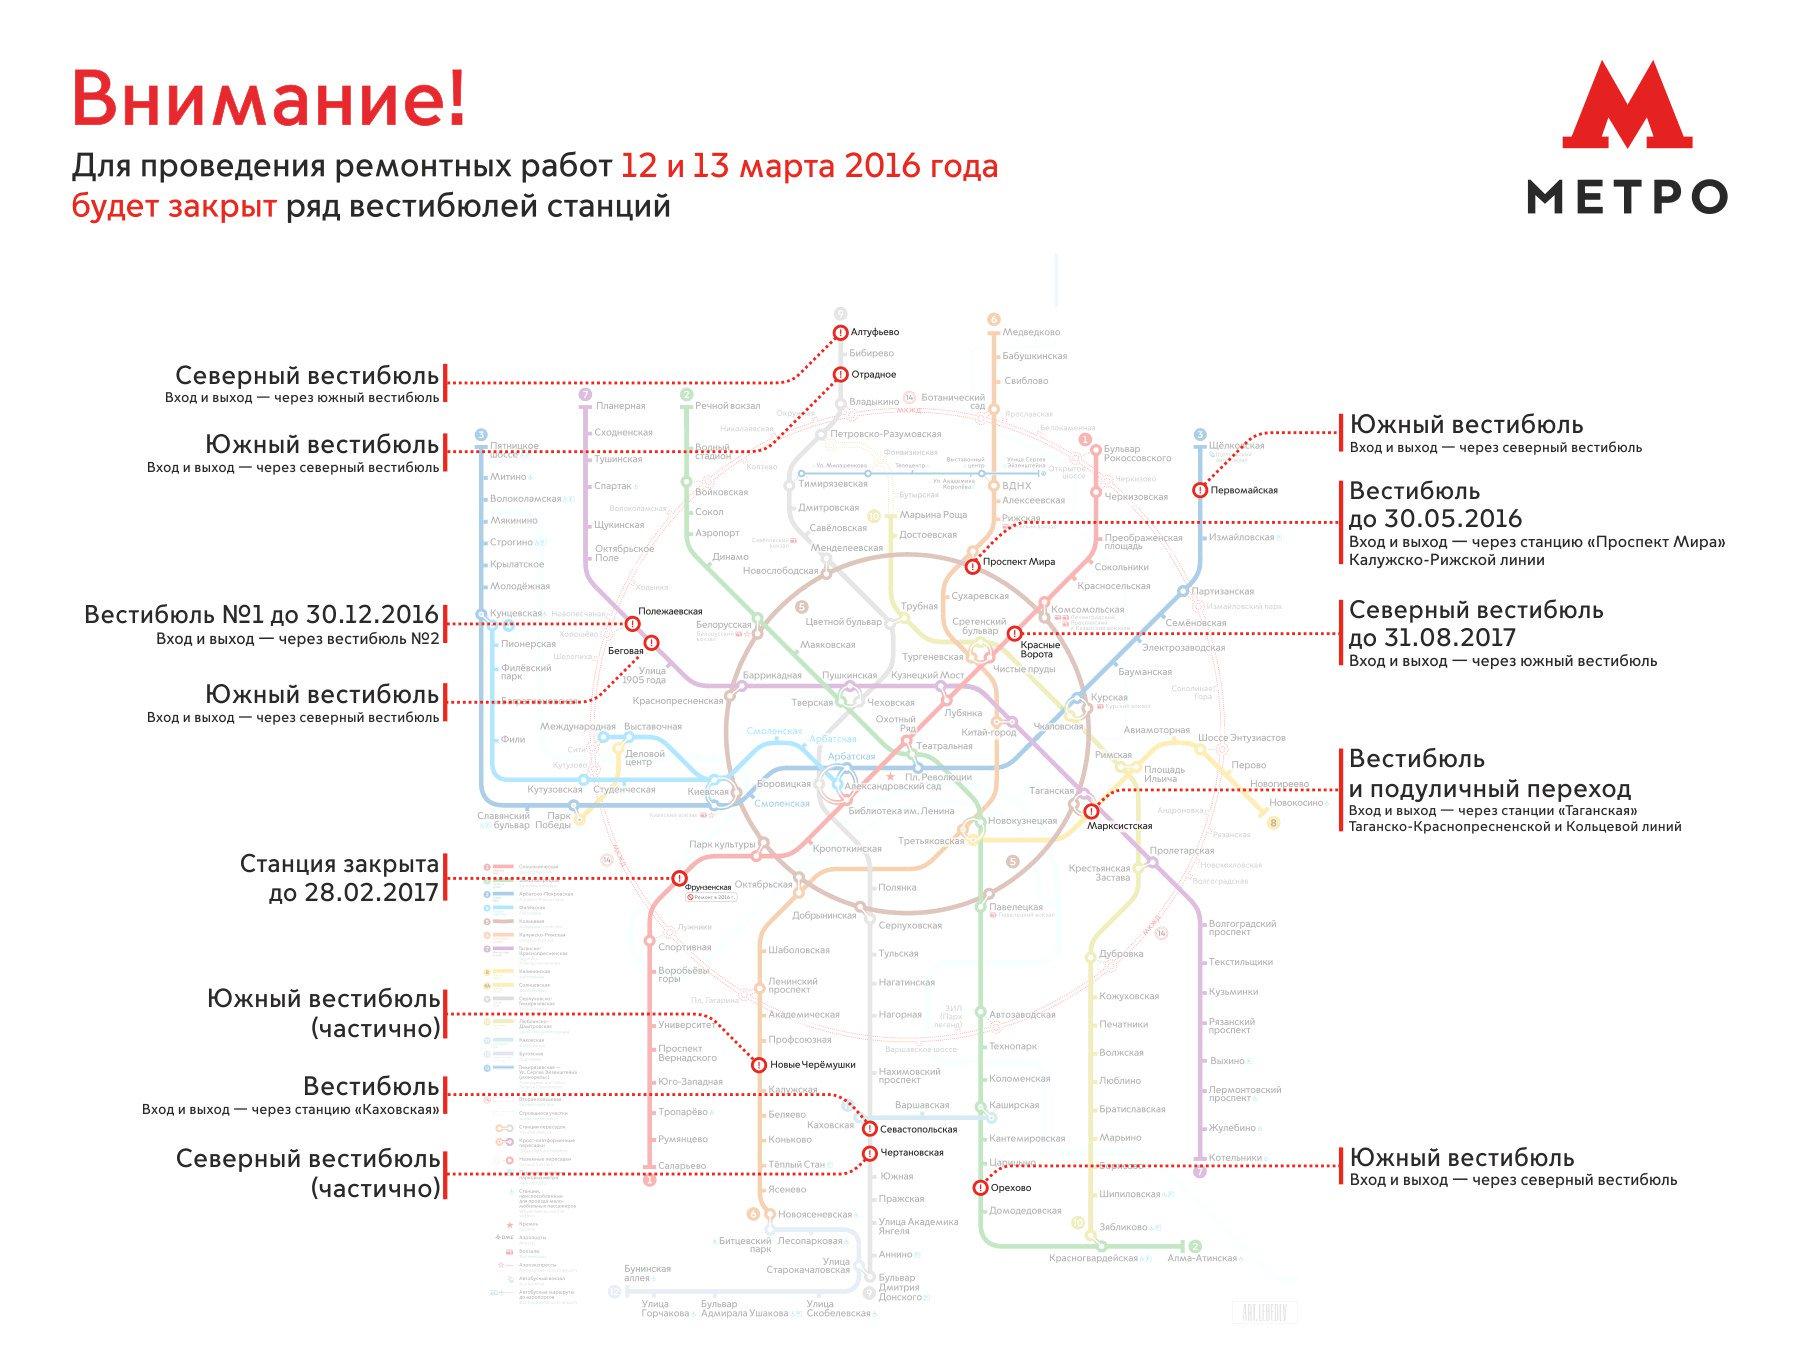 какие станции метро закроют на 5-9 марта